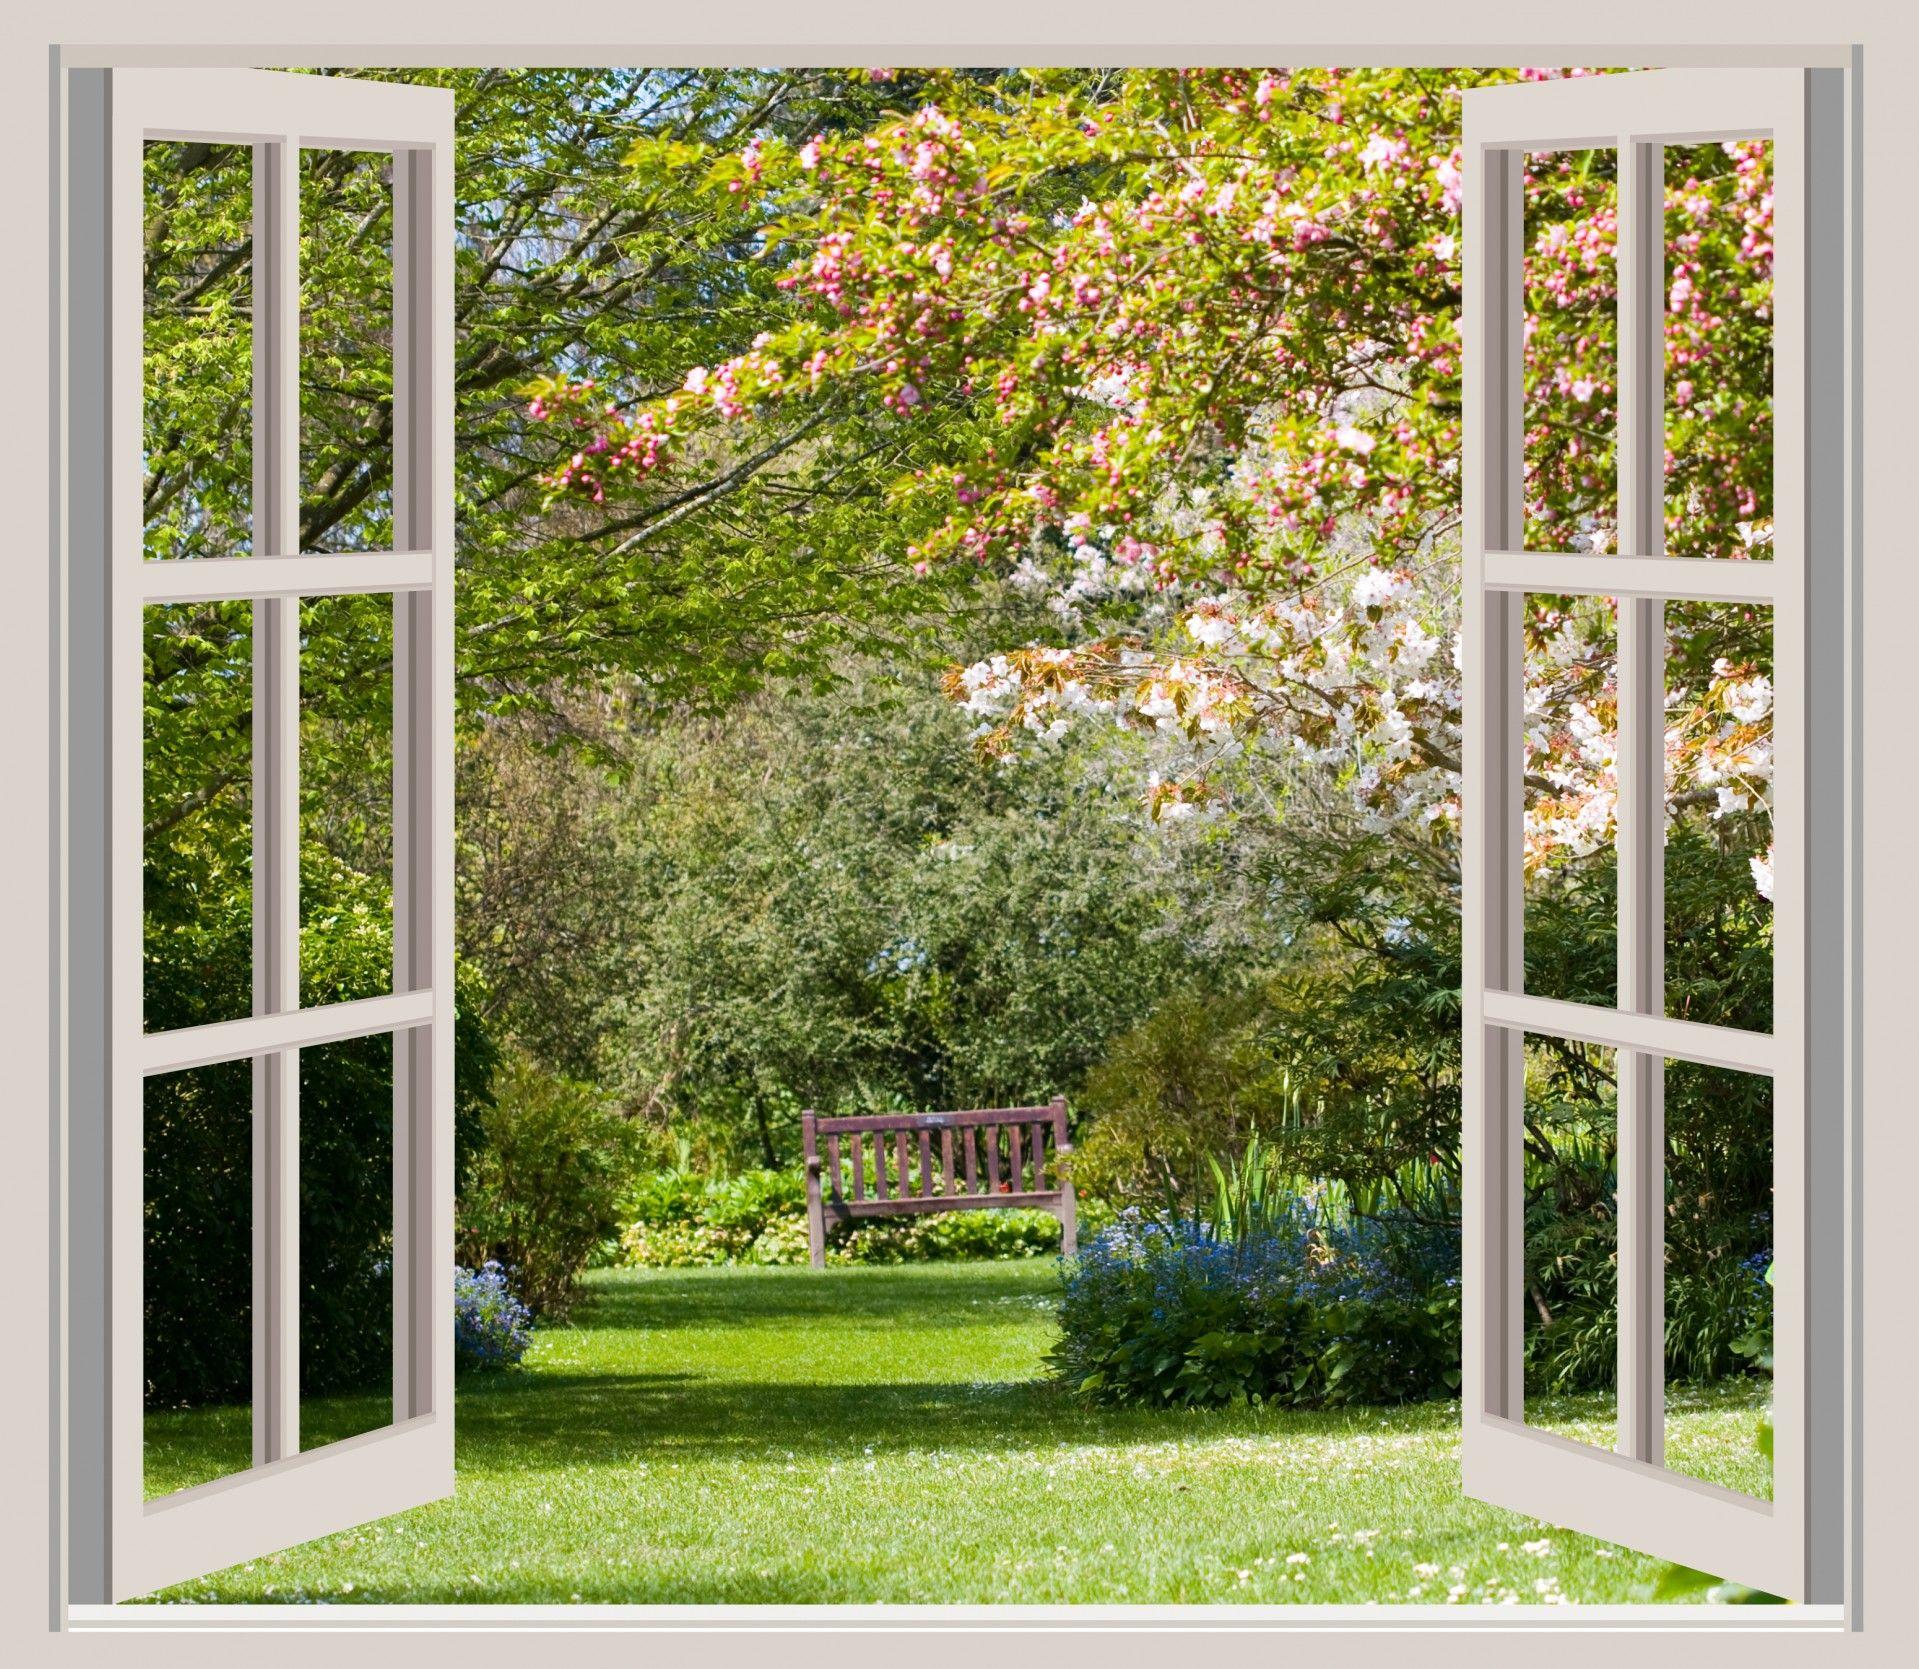 долгое фотообои вид из окна в сад примеру, платья бахромой